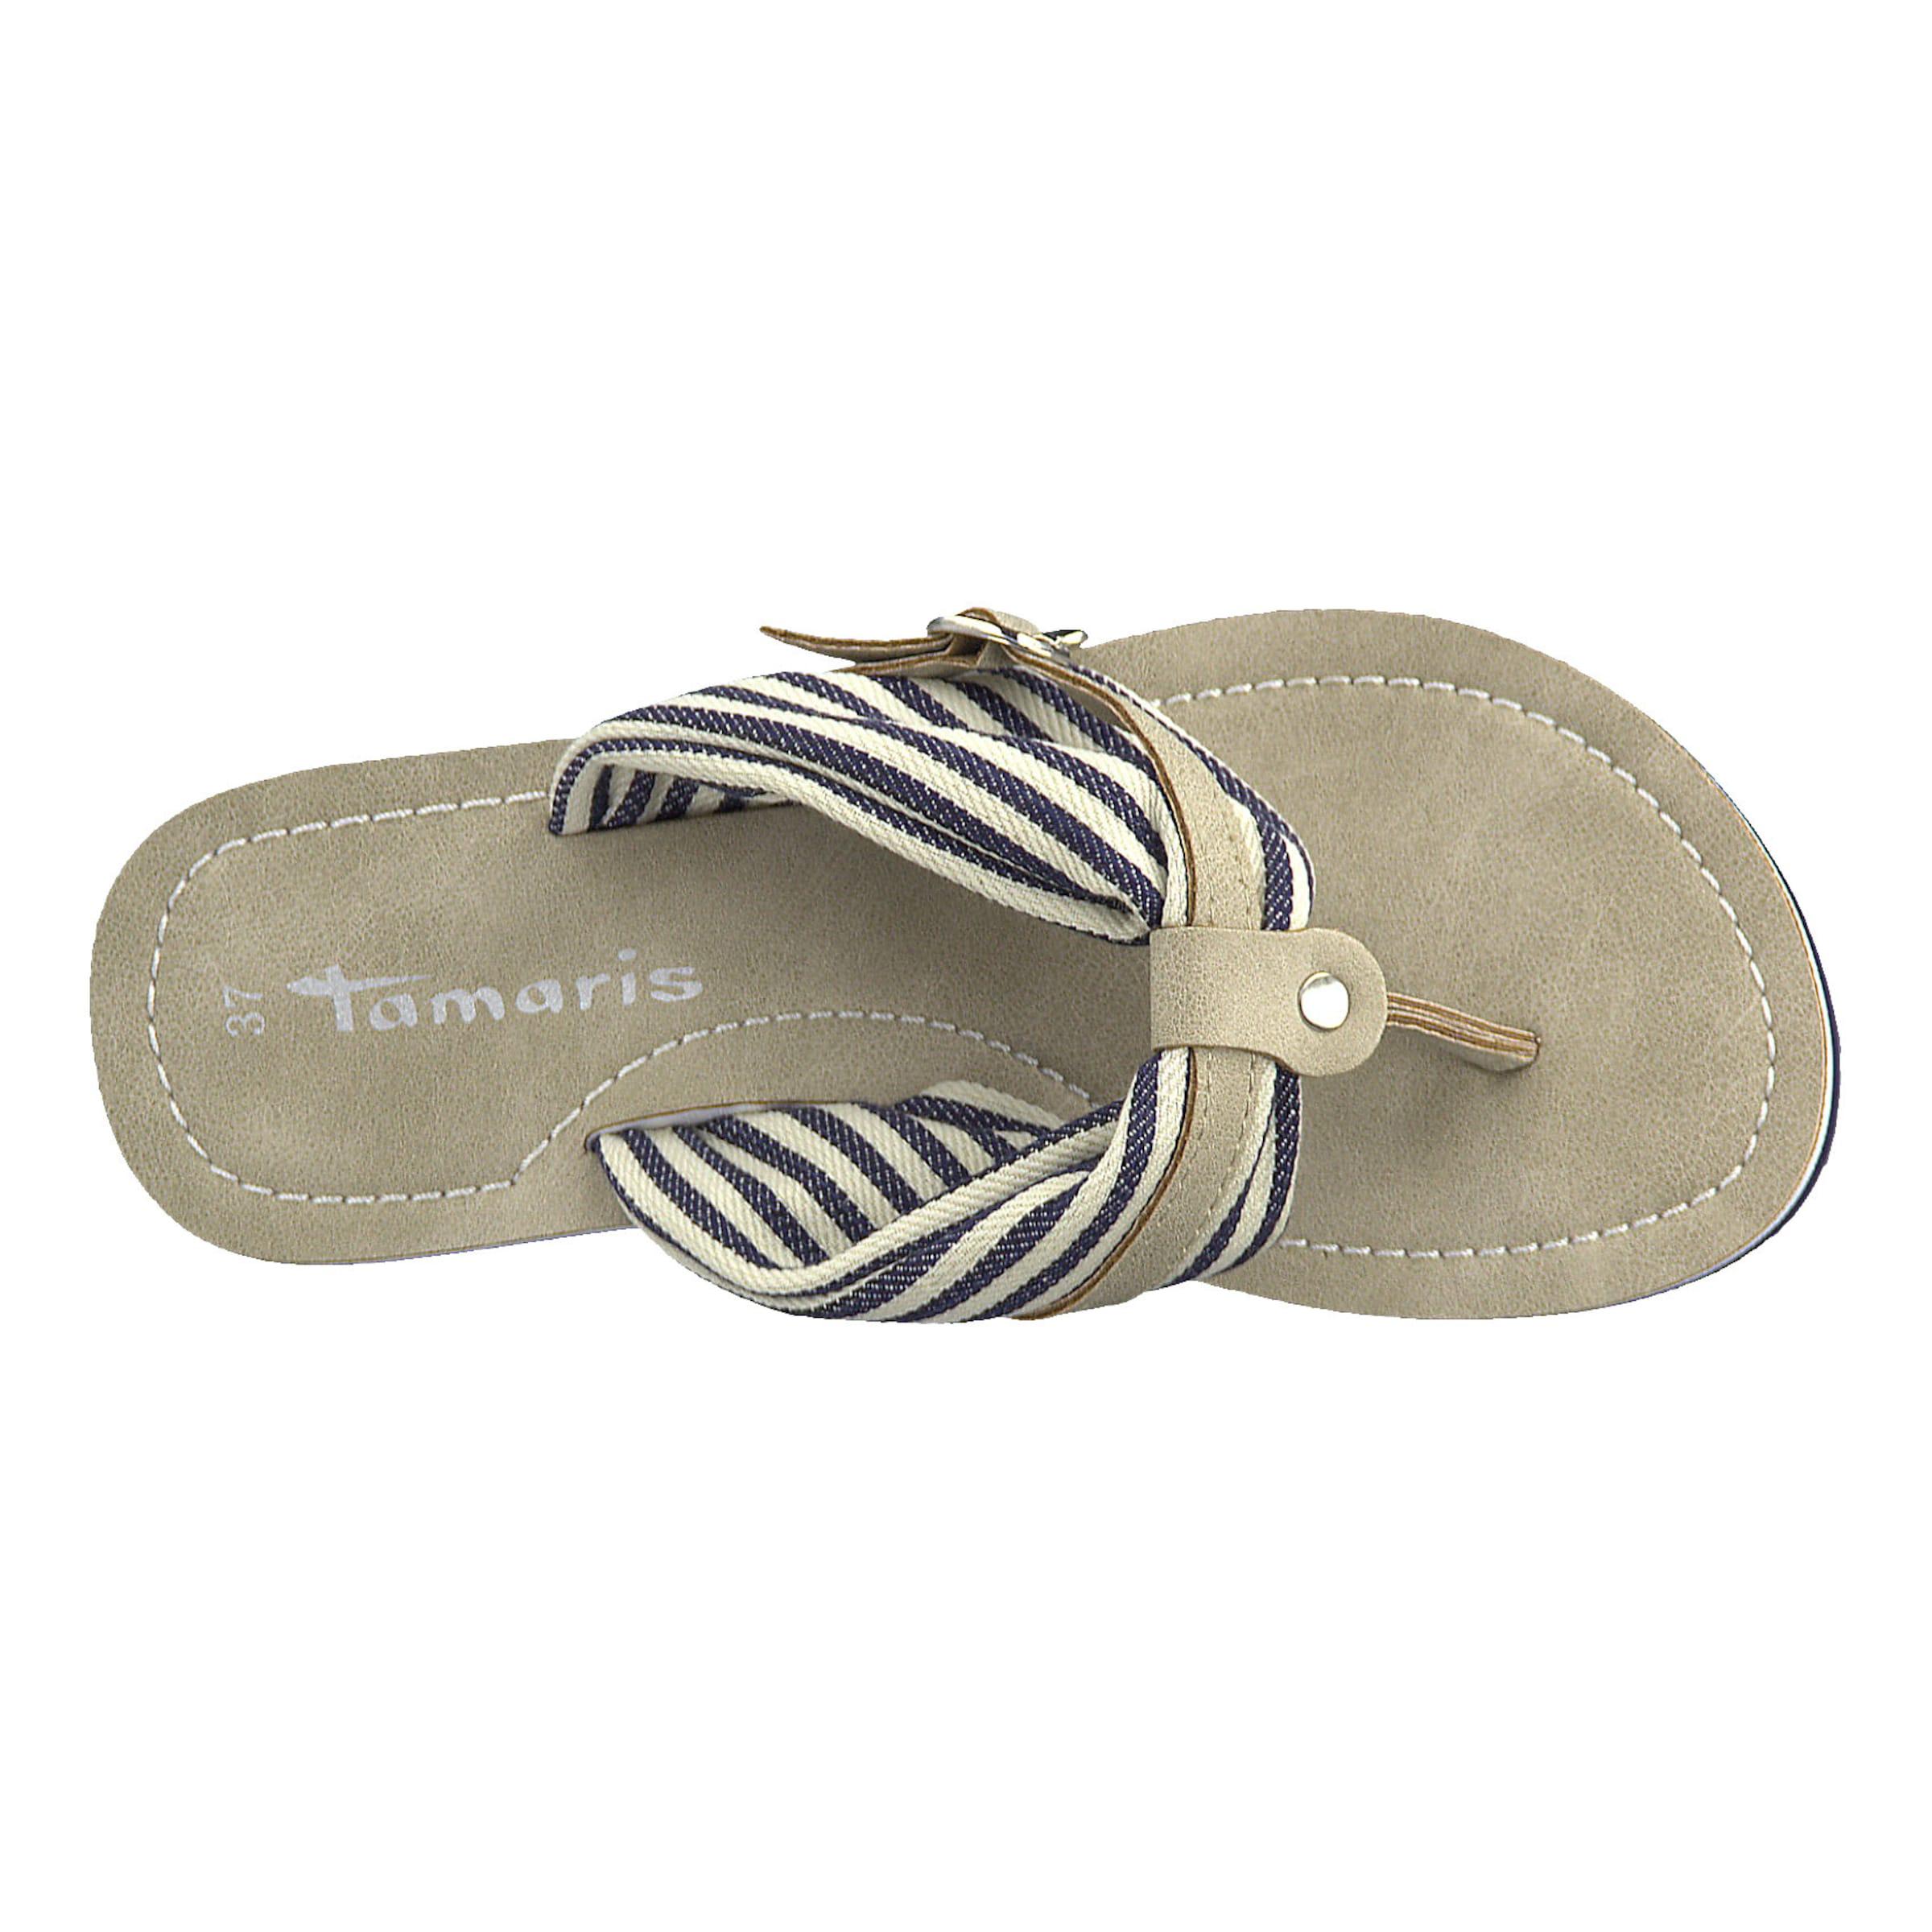 Sandale HellbeigeMischfarben Tamaris 'anhänger' Sandale